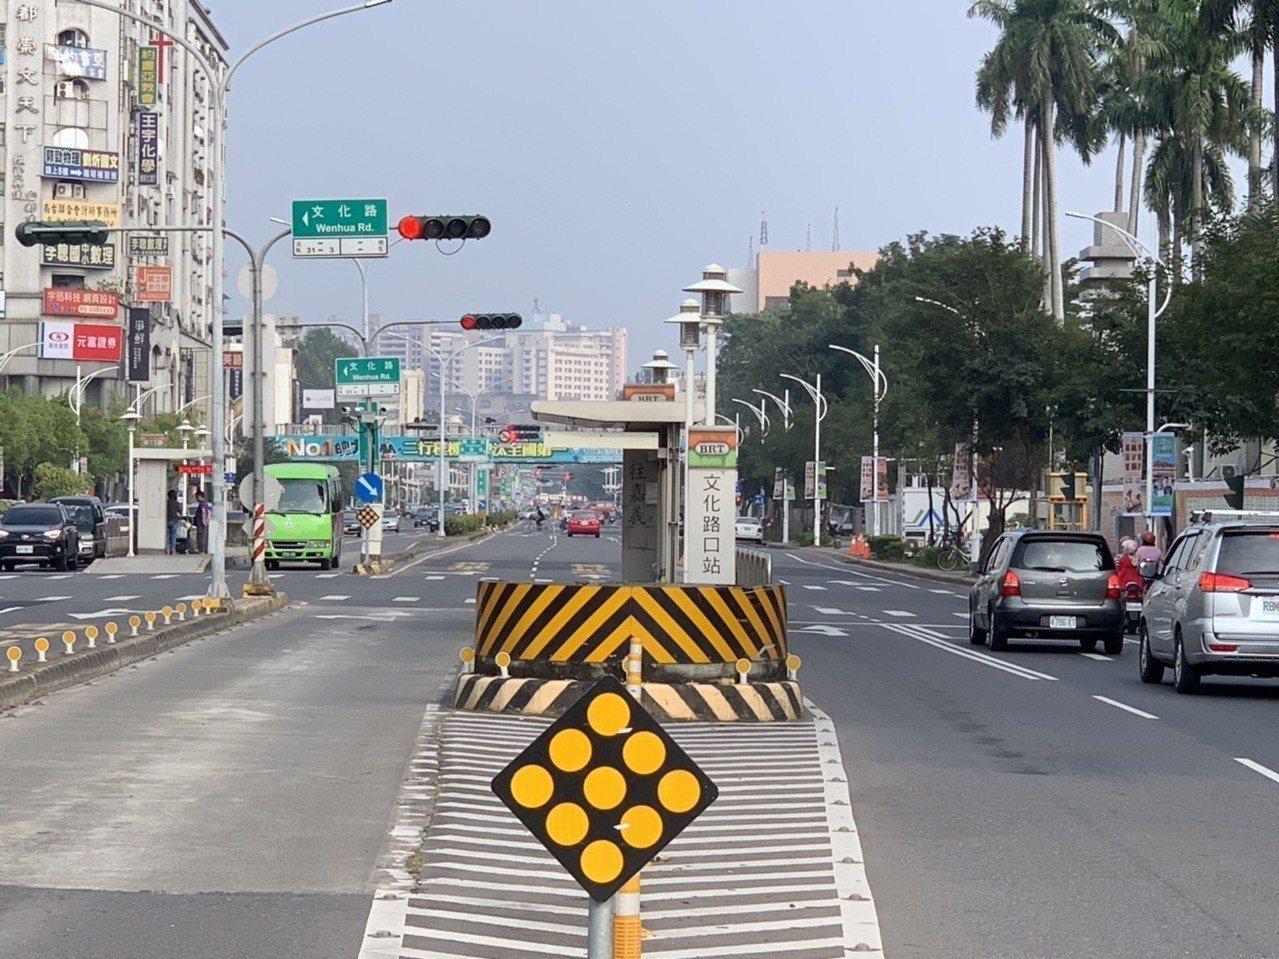 嘉義BRT(公車捷運系統)候車站台存廢再度成為嘉義市議會定期會質詢焦點,國民黨議...